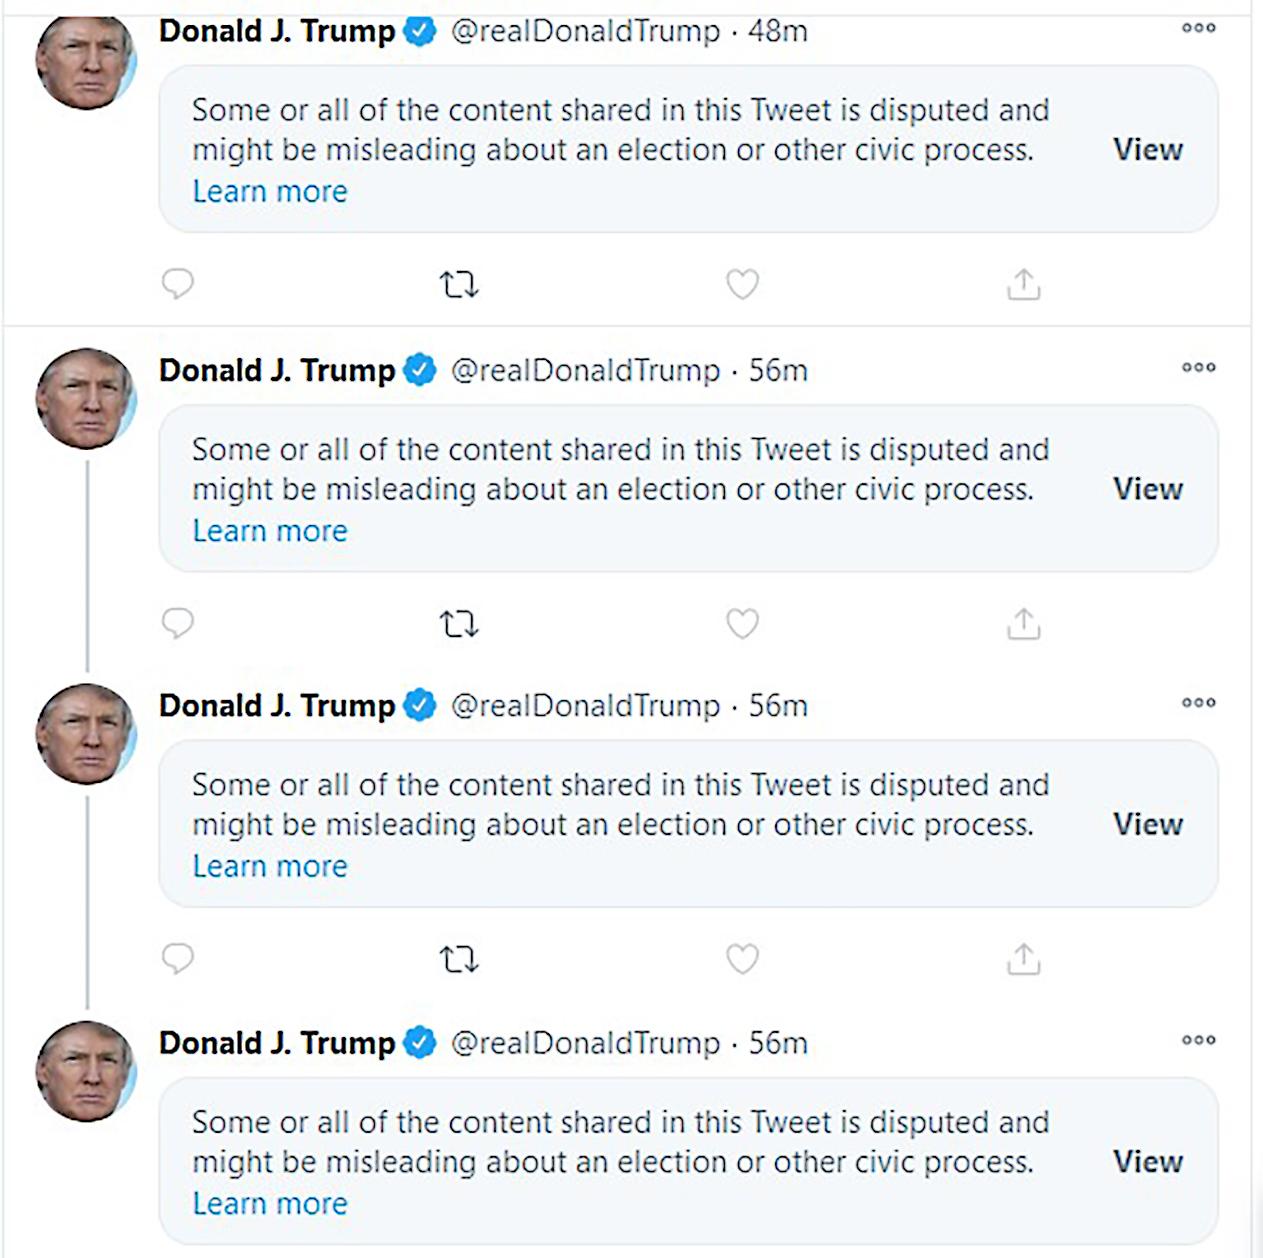 2020年11月7日,美國總統特朗普(川普)在其個人推特上發表的多則推文,被指涉及選舉有關的誤導內容,被推特方面打上標識及予以隱藏。(法新社)